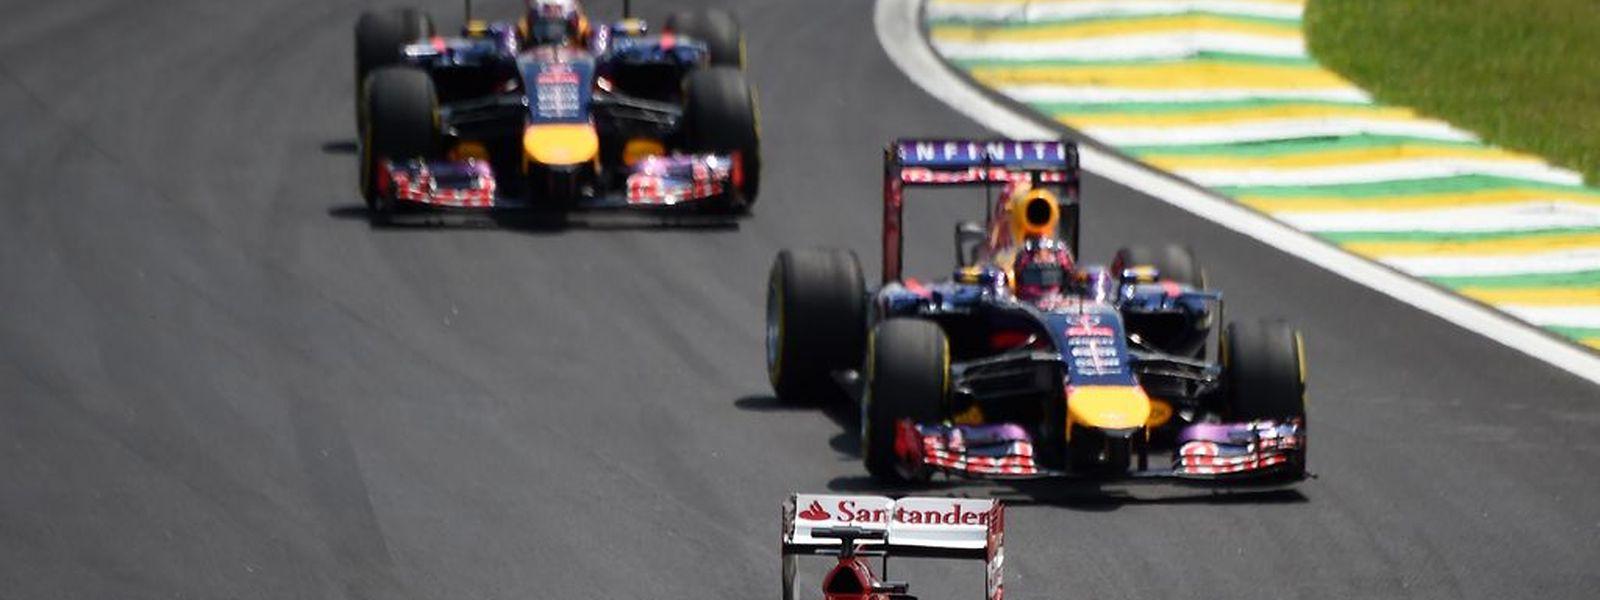 Fernando Alonso (vorne) wird sein Cockpit aller Voraussicht nach für Sebastian Vettel (Mitte) räumen müssen, hat Medienberichten zufolge schon bei McLaren unterschrieben.